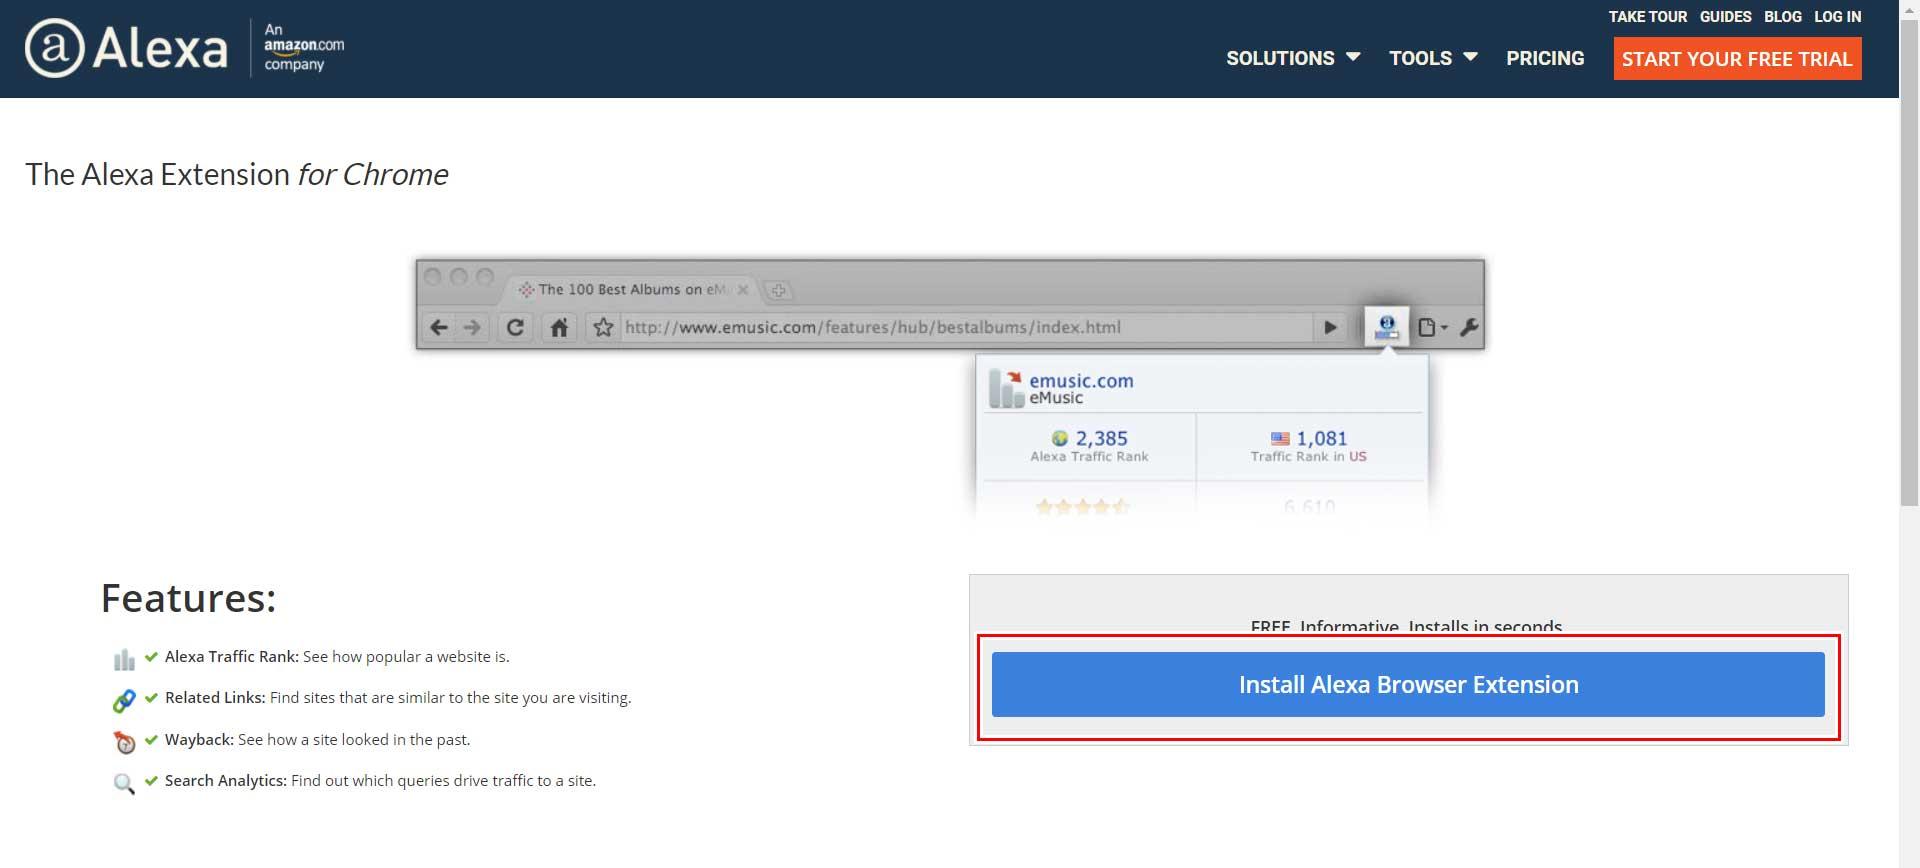 Alexa Toolbar 拡張機能ダウンロードページ